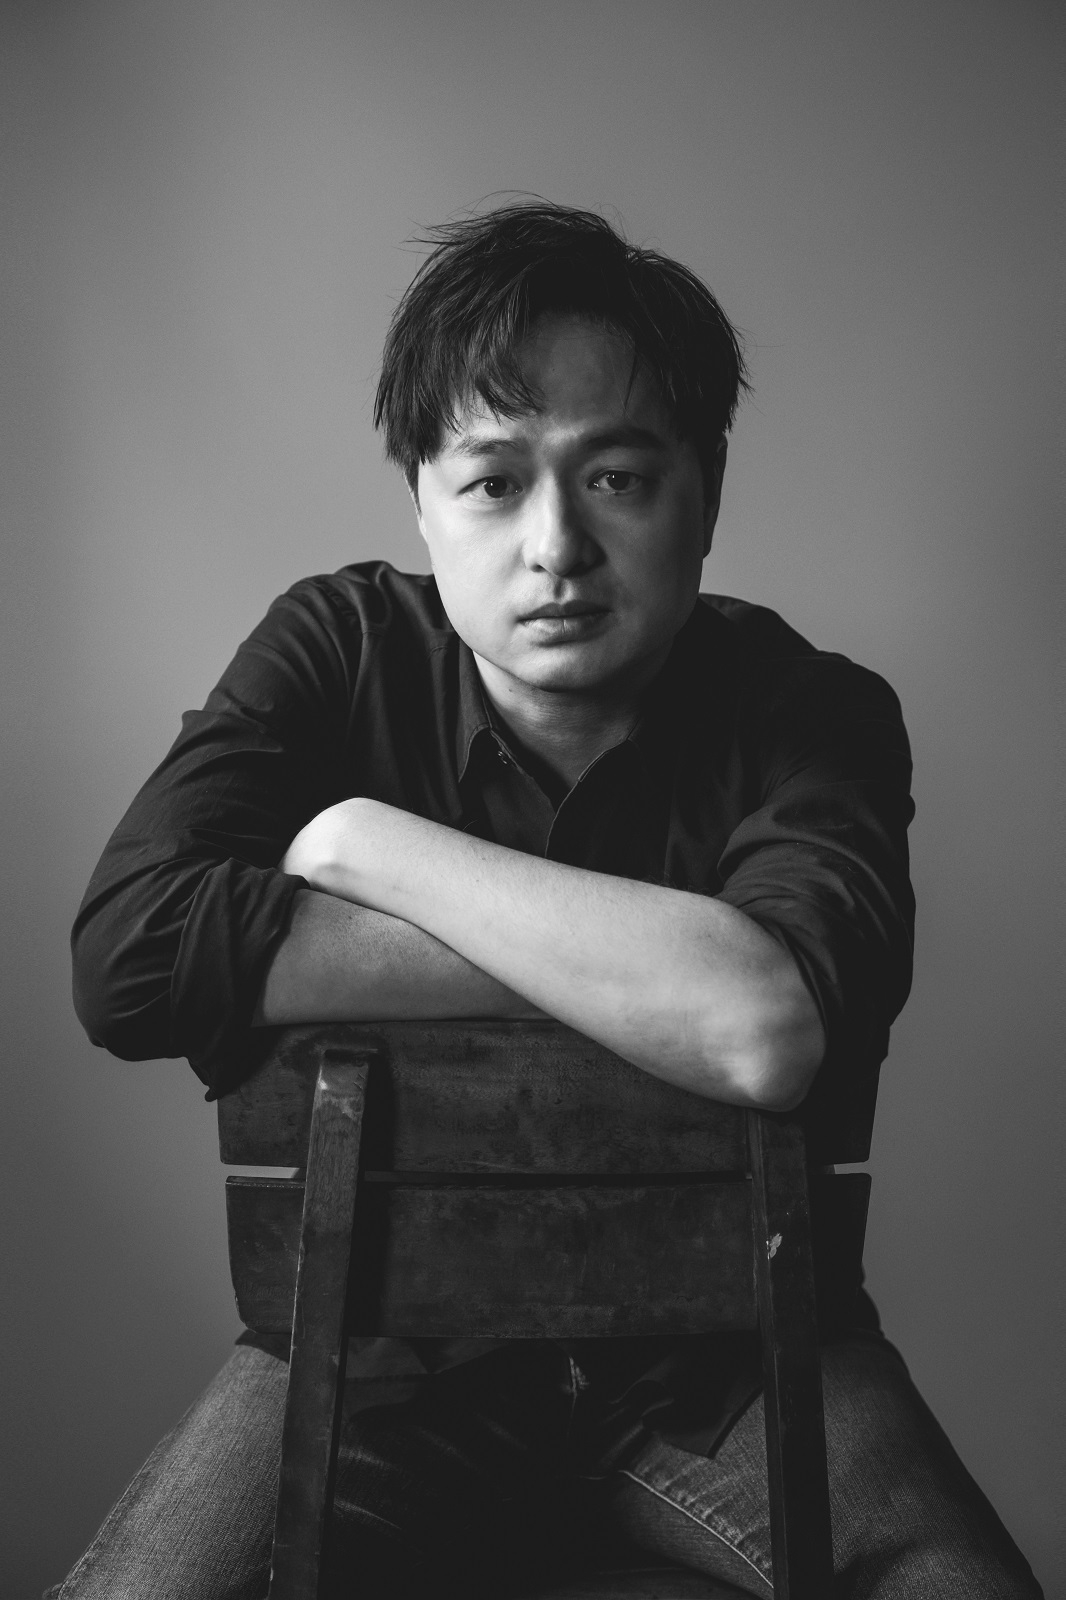 台北電影獎/首波15位頒獎人曝光! 陳庭妮、林依晨、張鈞甯、謝欣穎齊聚比美